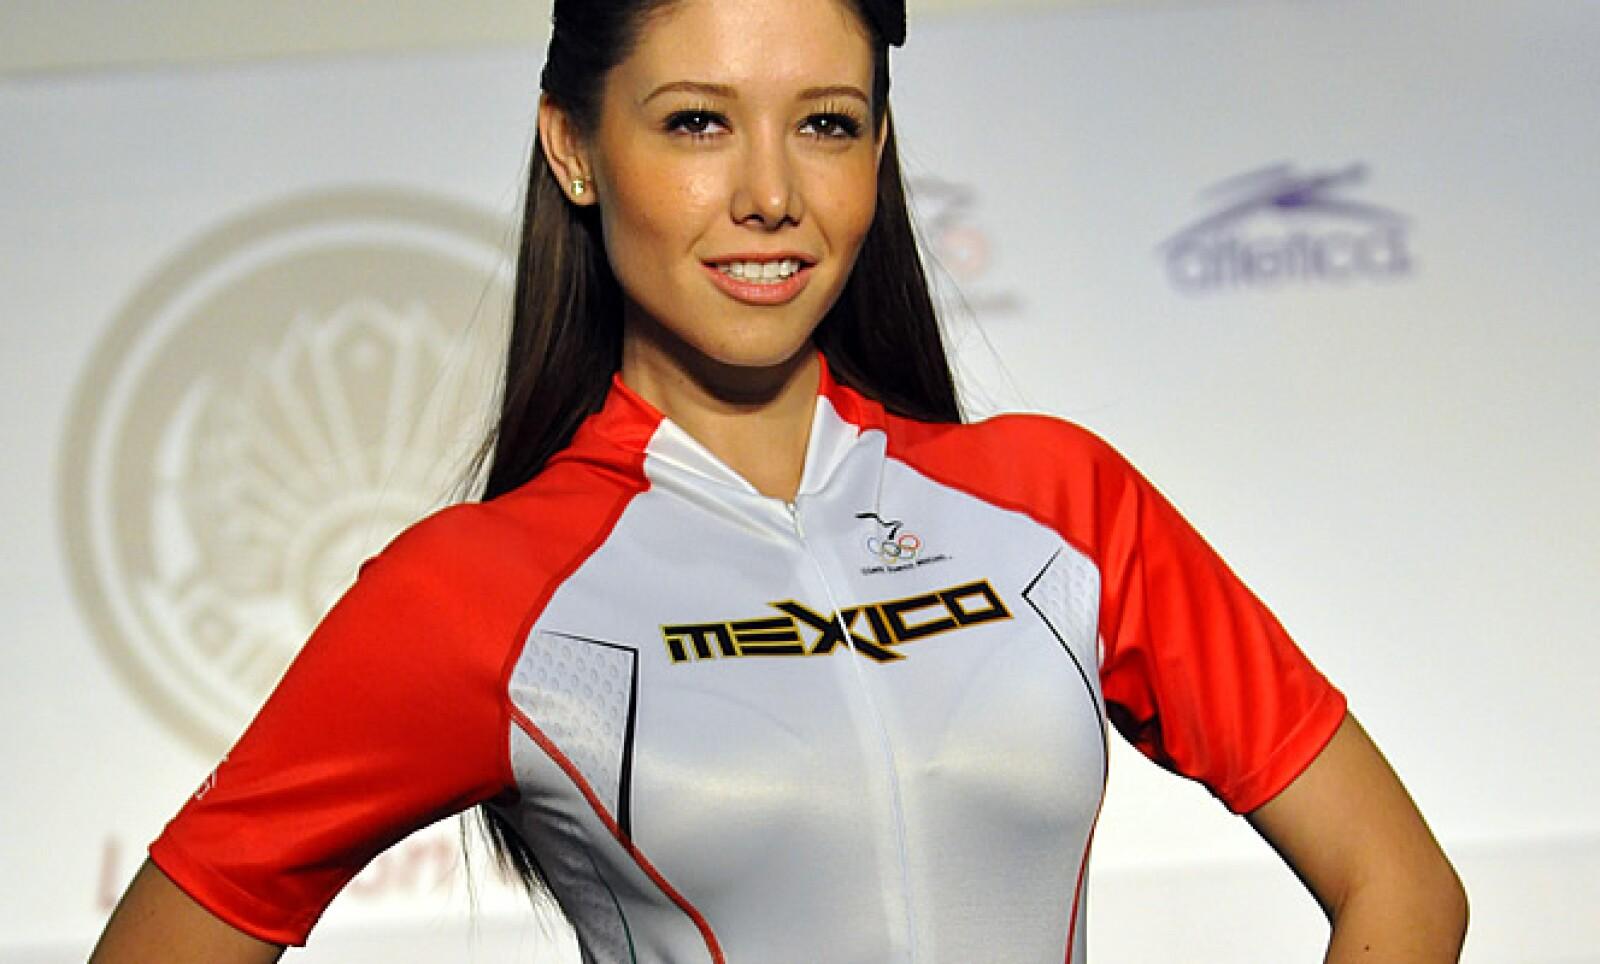 Inspirados en la cultura maya, fueron presentados los uniformes con los que México competirá en los Juegos Olímpicos de Londres 2012.